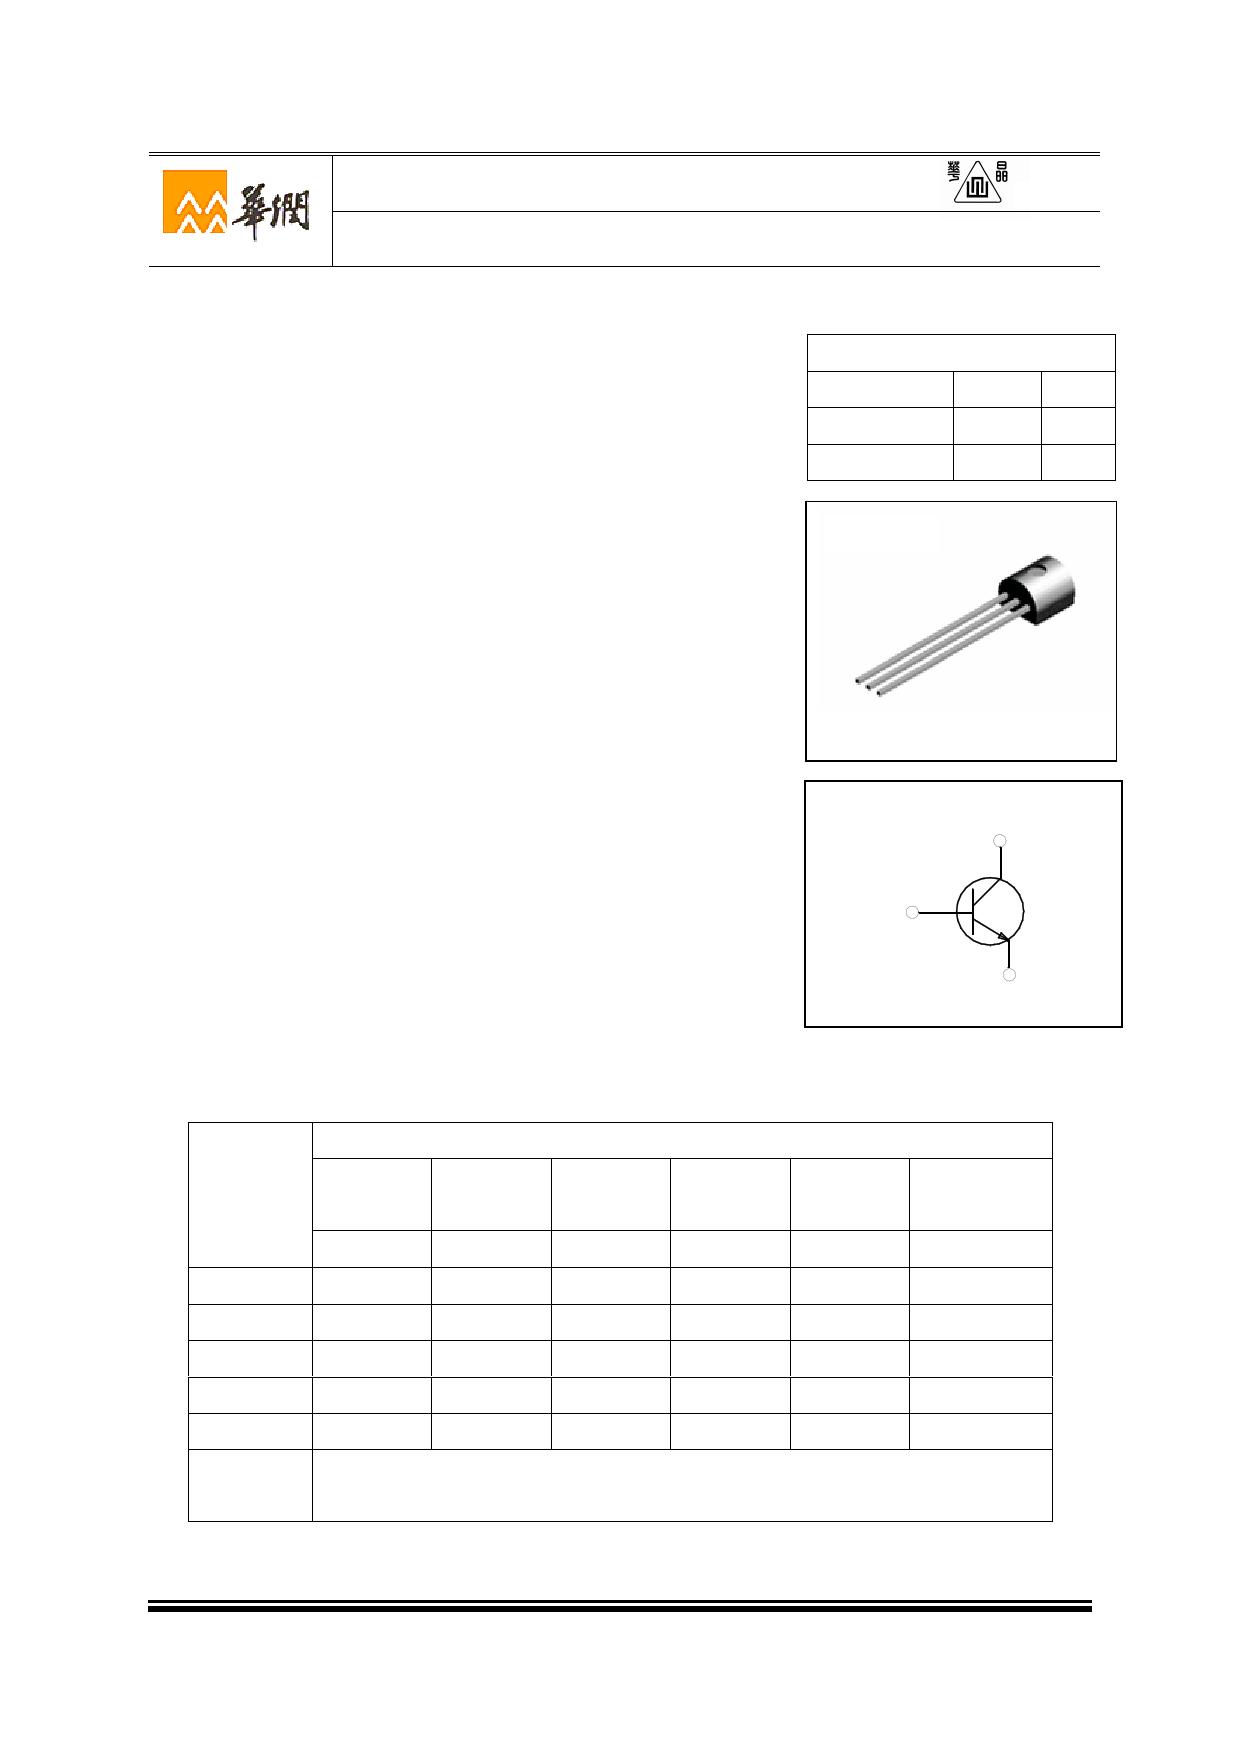 3DD3015A1 Datasheet, 3DD3015A1 PDF,ピン配置, 機能